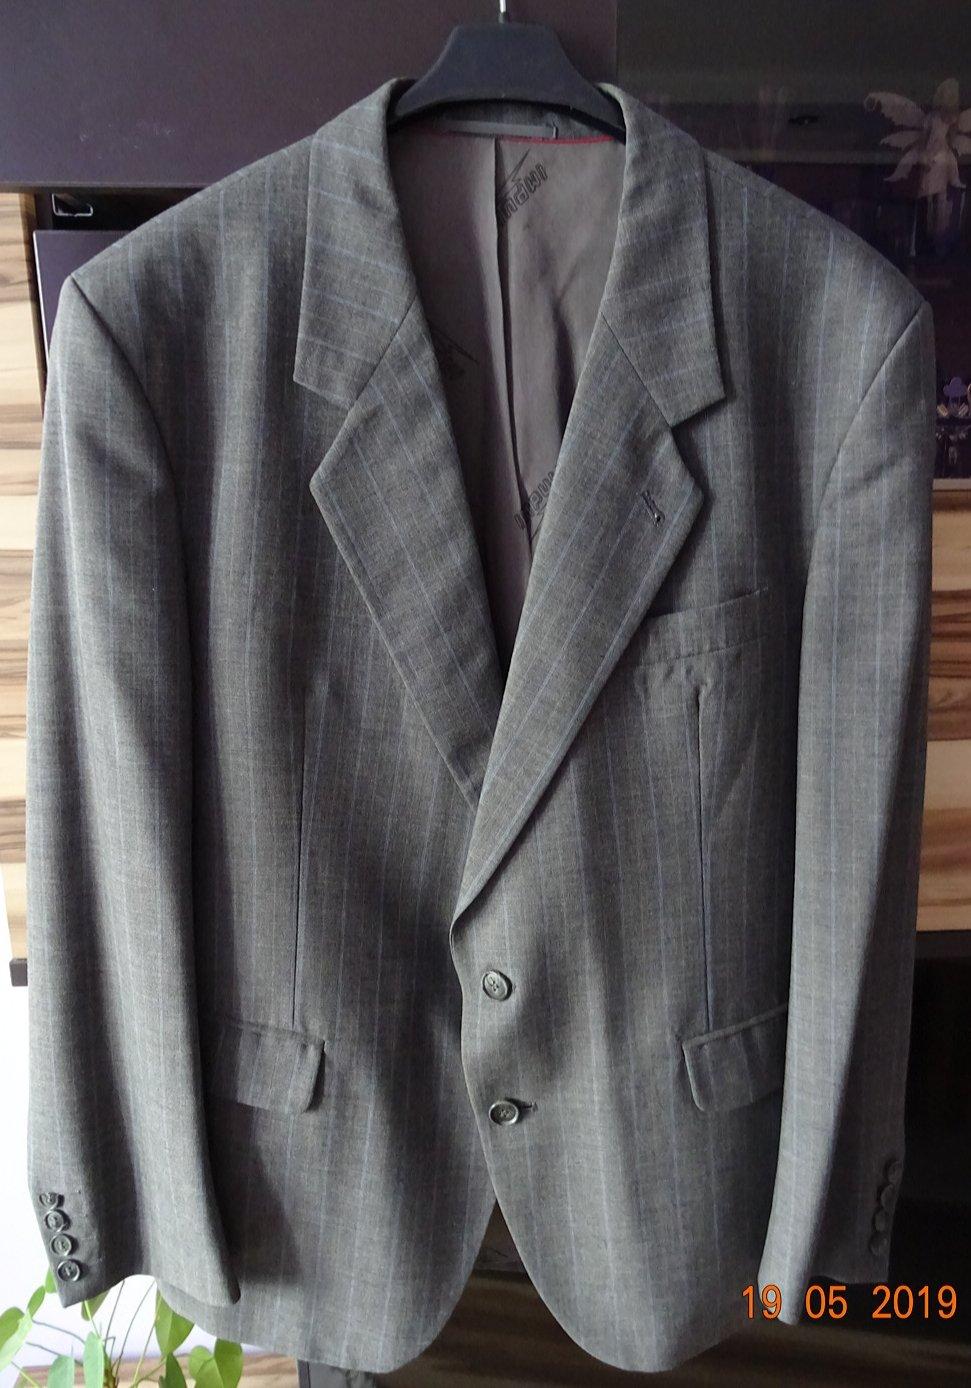 fdf4c0150d 120 inzerátov • 19 hodnotení. Panske obleky ...